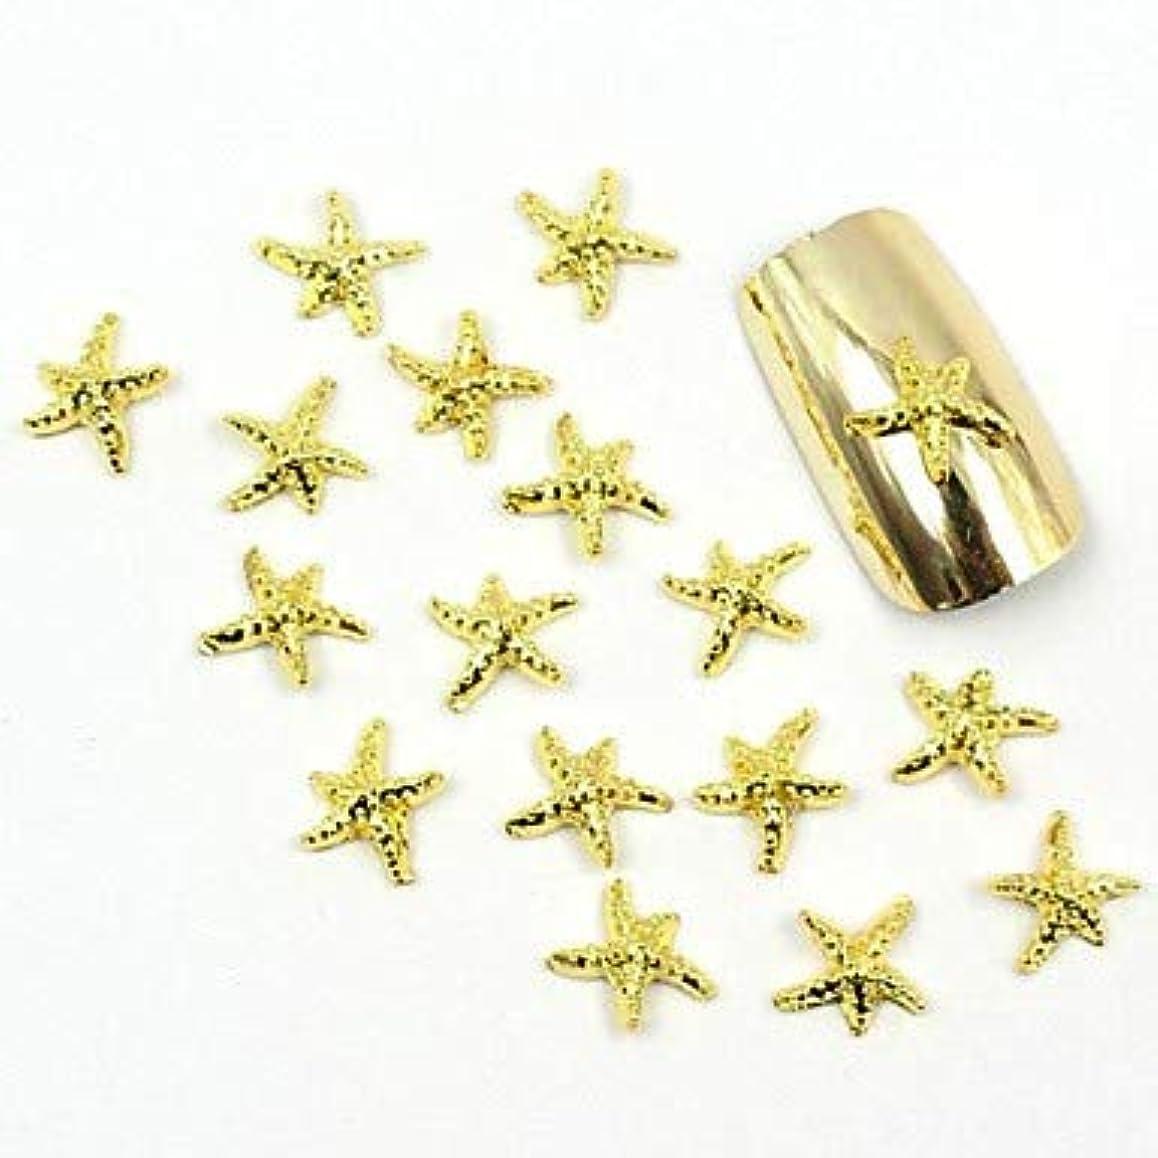 雑草ヘクタール注目すべき偽アクリル型ネイルアートの装飾のための100個の3Dゴールドネイルジュエリーメタルスター